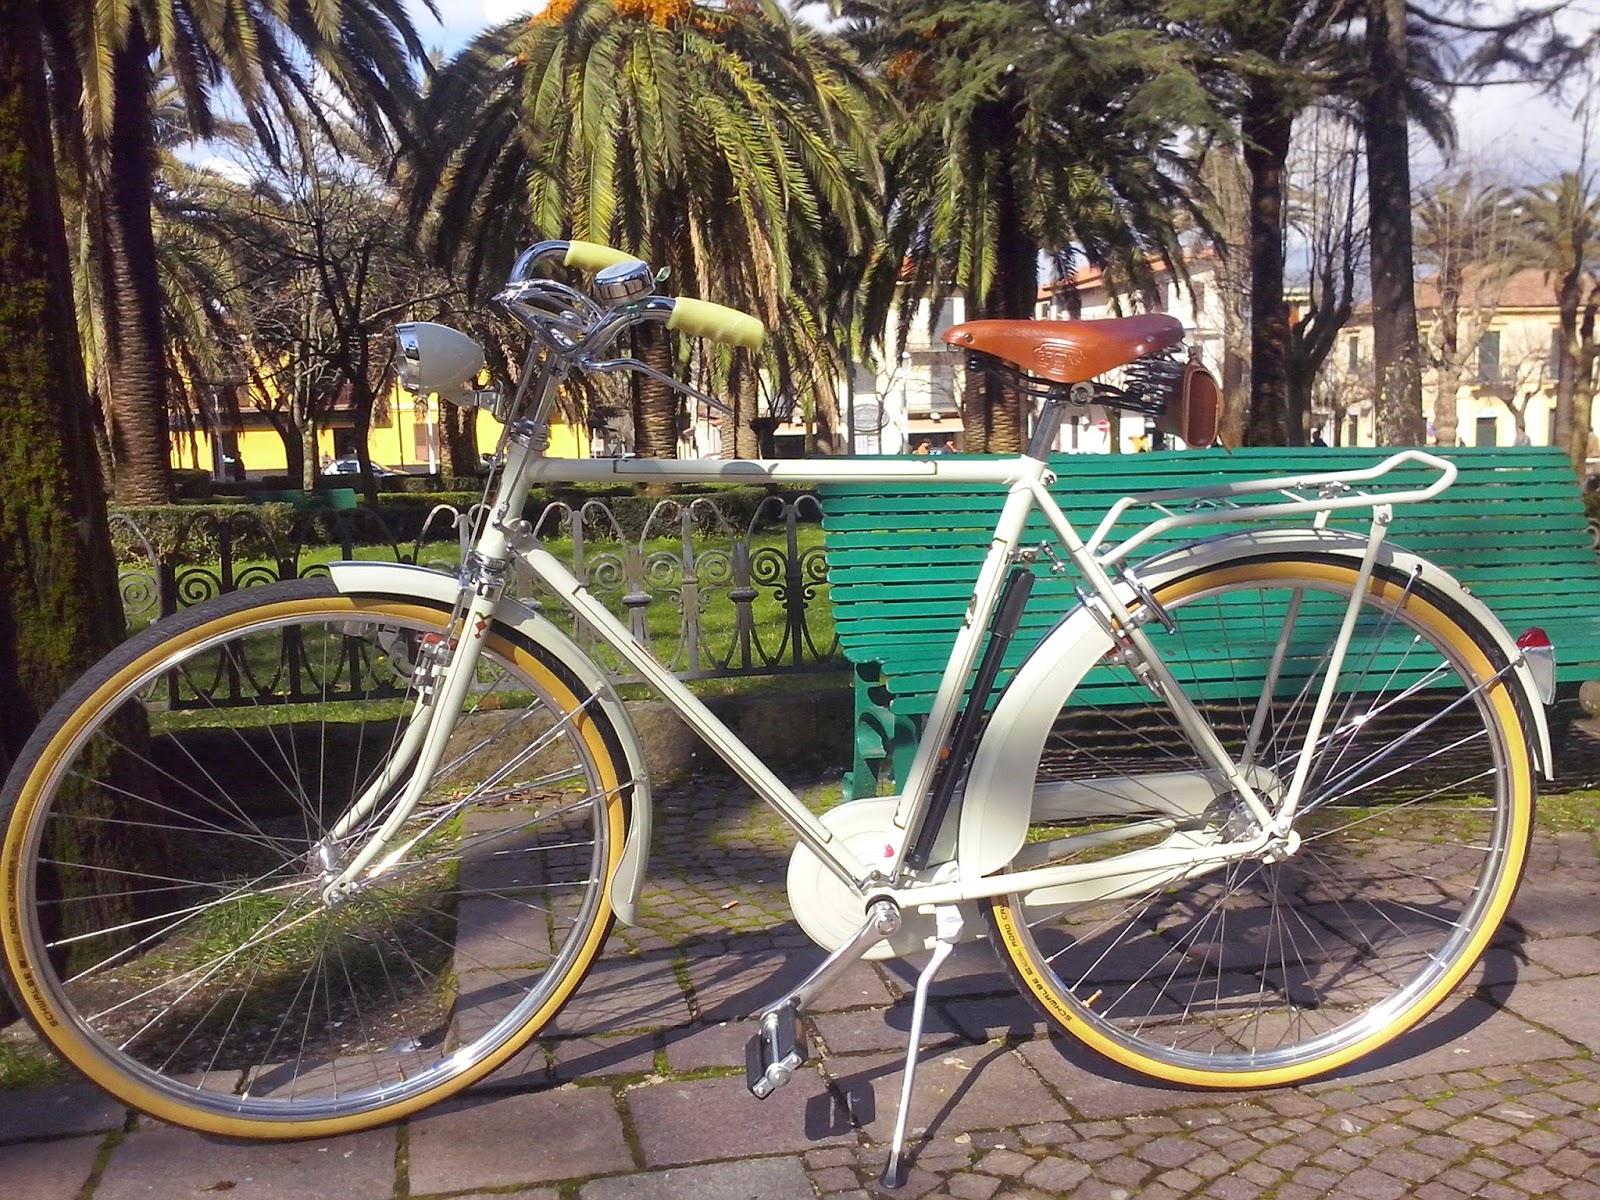 Biciclette Classiche Da Uomo Con Freni A Bacchetta Ecco Una